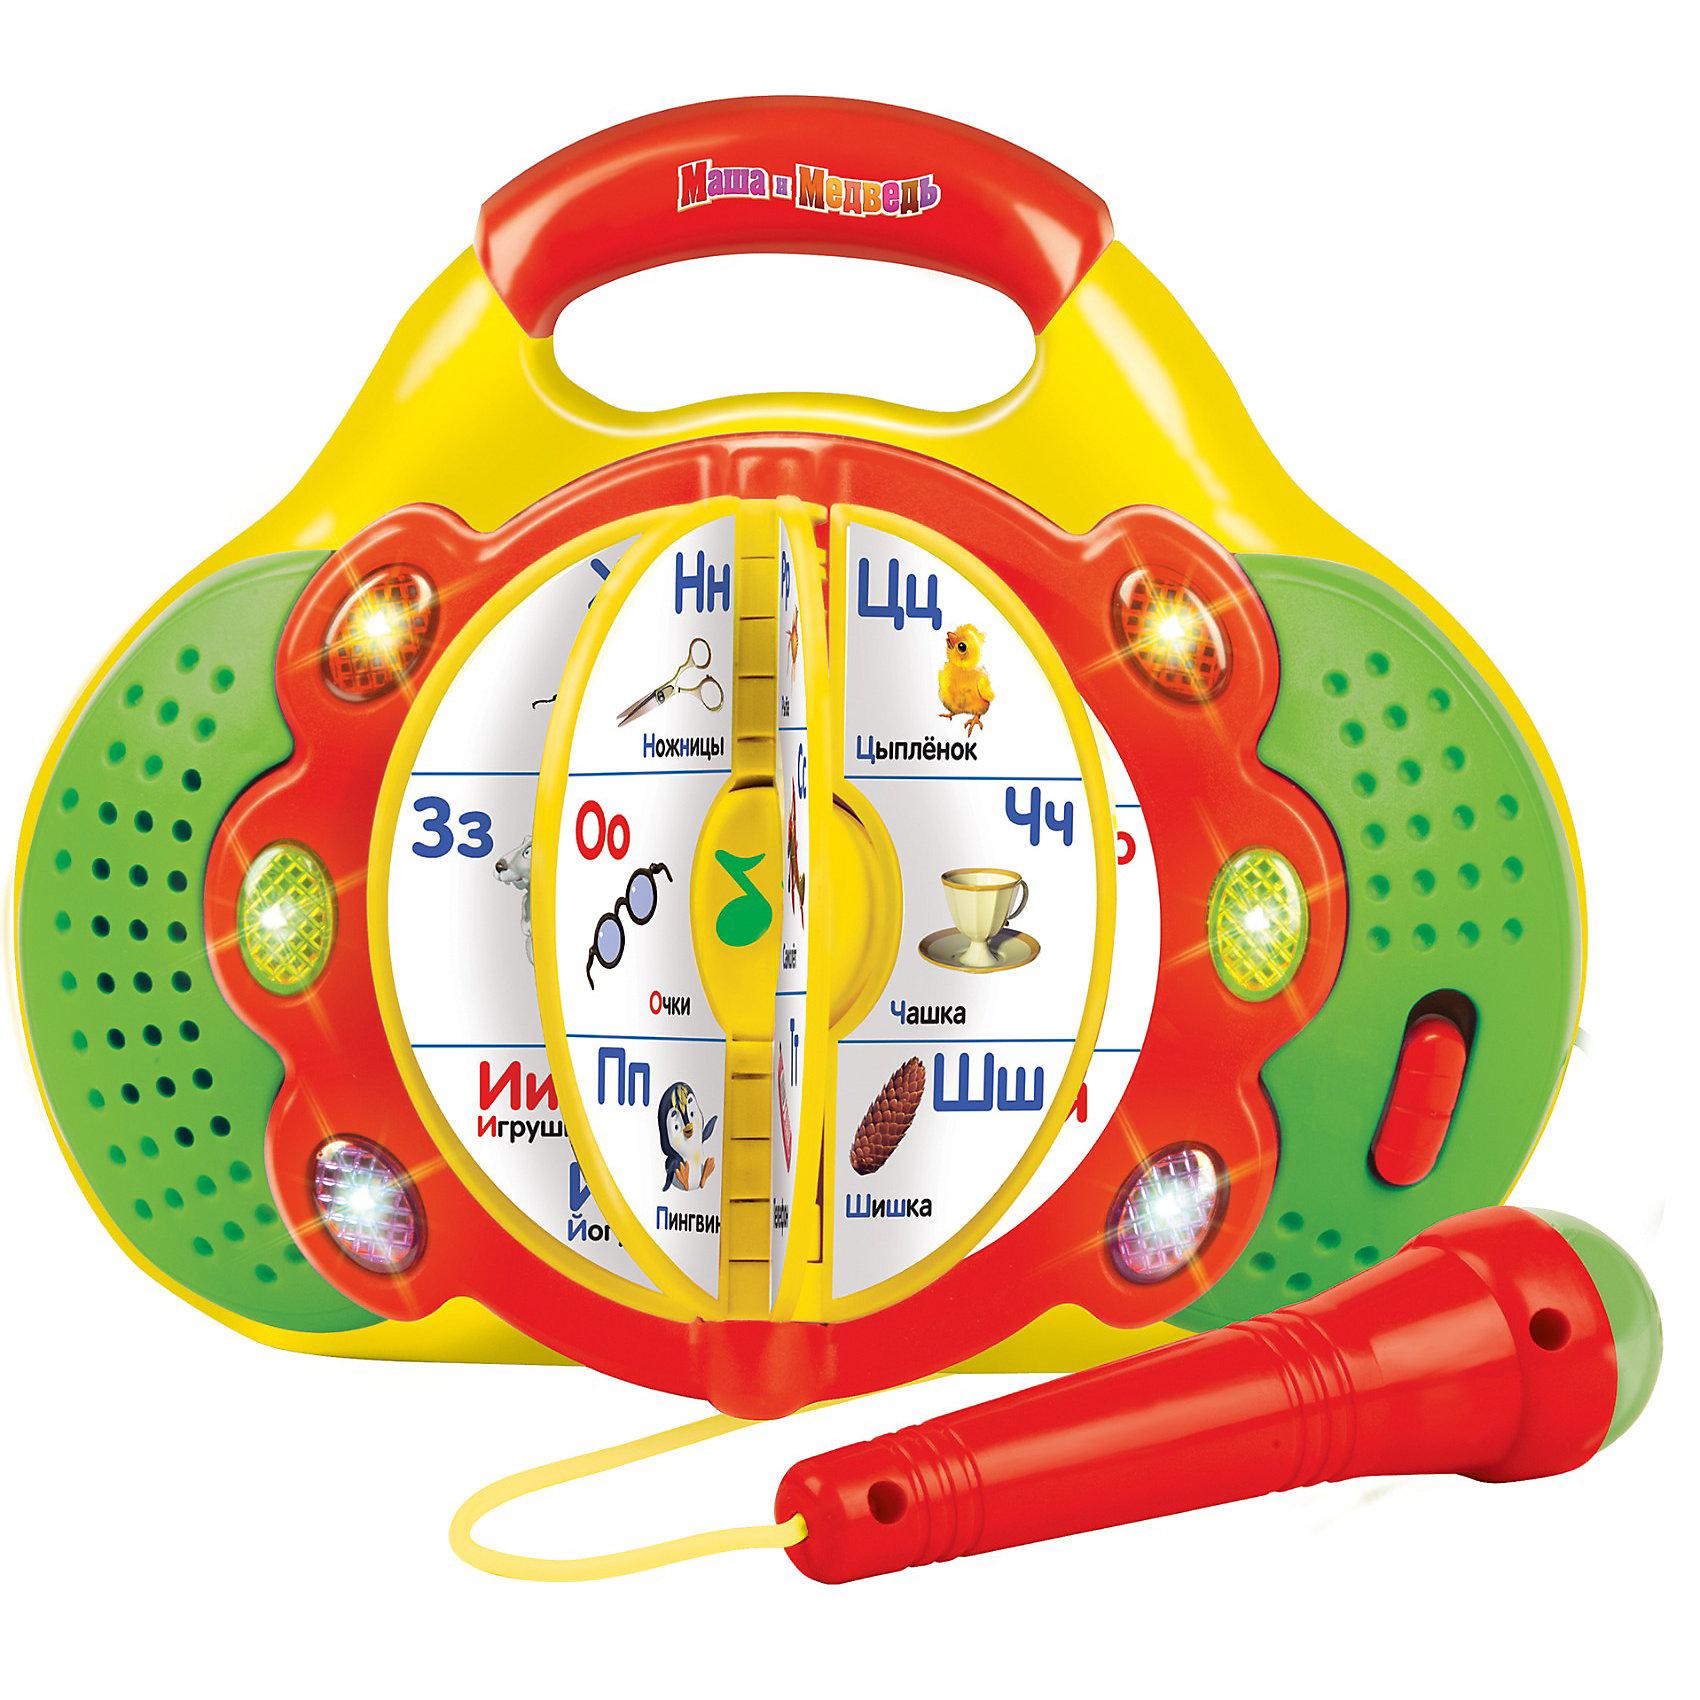 Азбука-караоке, с микрофоном, со светом, Маша и медведь, УмкаАзбука-караоке, Маша и медведь, Умка - оригинальная игрушка с книжкой, которая в веселой игровой форме поможет ребенку выучить алфавит. Игрушка имеет яркий красочный дизайн по мотивам популярного мультсериала Маша и Медведь. На страничках встроенной книжки яркие картинки с изображениями букв и соответствующих им слов. <br><br>6 обучающих функций позволяют выучить буквы алфавита, услышать различные слова на каждую букву алфавита, прослушать 33 стихотворения и  7 песен из мультфильма. А используя съемный караоке-микрофон можно весело подпевать любимым песенкам. Игра сопровождается световыми эффектами, имеется удобная ручка для переноски. Игрушка способствует развитию речи, памяти, логического мышления, звуко- и цветовосприятия.<br><br>Дополнительная информация:<br><br>- Материал: пластик, элементы металла, картон.<br>- Требуются батарейки: 2 х АА (входят в комплект).<br>- Объем книжки: 6 стр.<br>- Размер упаковки: 10 х 26 х 21 см. <br><br>Азбуку-караоке, Маша и медведь, Умка можно купить в нашем интернет-магазине.<br><br>Ширина мм: 500<br>Глубина мм: 350<br>Высота мм: 220<br>Вес г: 800<br>Возраст от месяцев: 36<br>Возраст до месяцев: 72<br>Пол: Унисекс<br>Возраст: Детский<br>SKU: 3750399